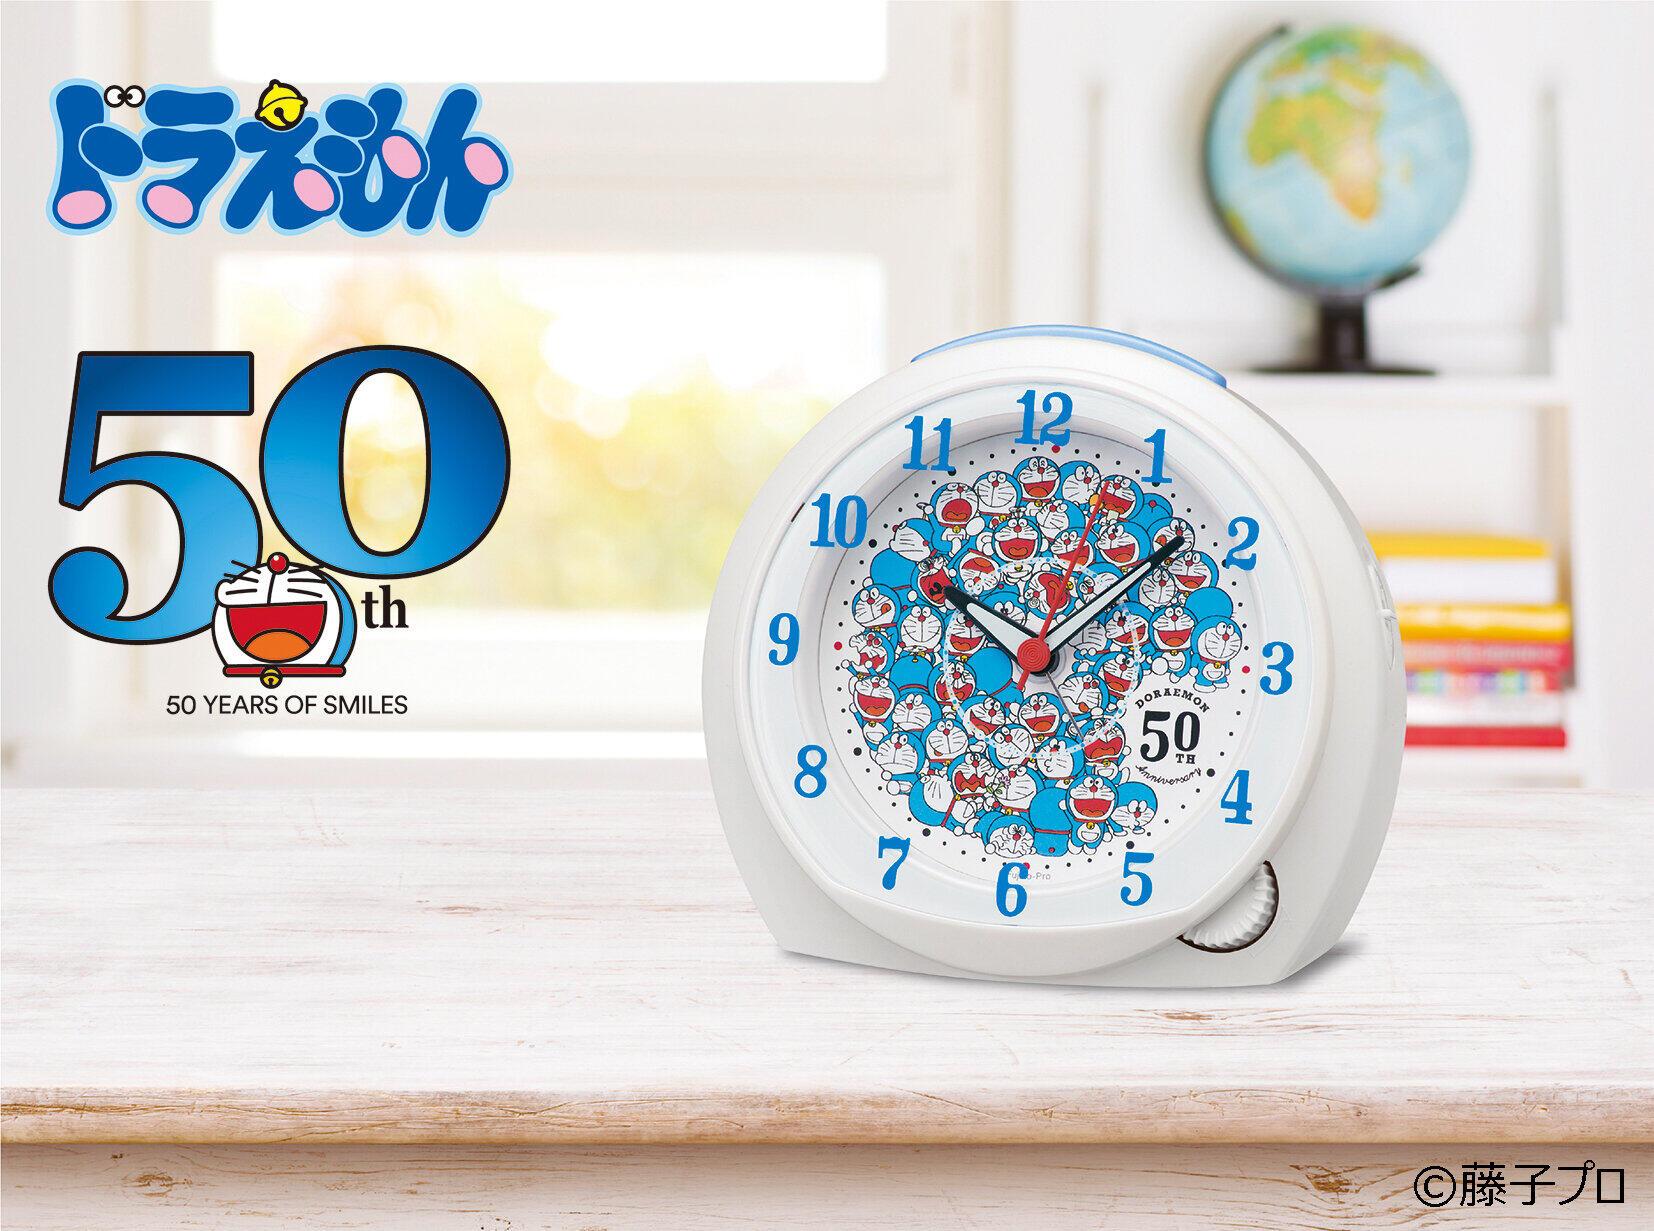 「ドラえもん」マンガ連載50周年記念モデルの目ざまし時計